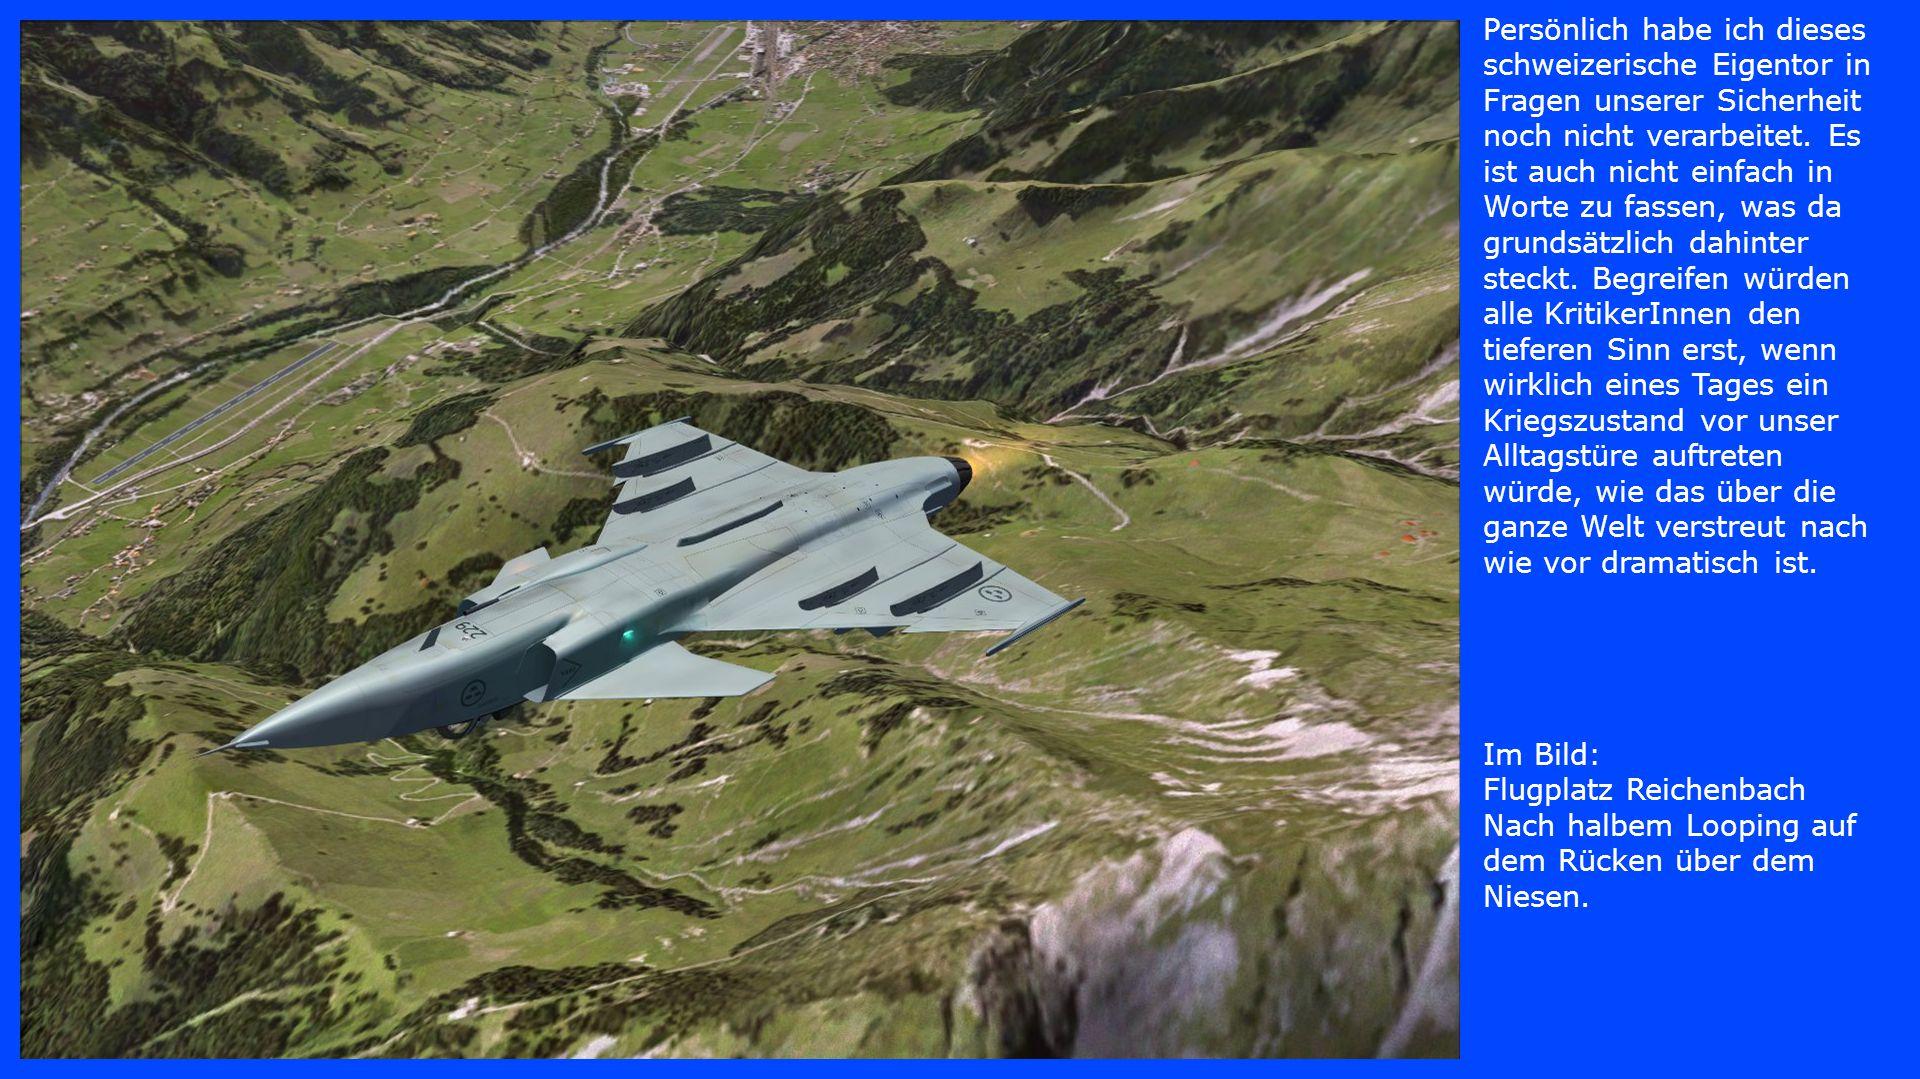 Im Bild: Flugplatz Reichenbach Nach halbem Looping auf dem Rücken über dem Niesen. Persönlich habe ich dieses schweizerische Eigentor in Fragen unsere